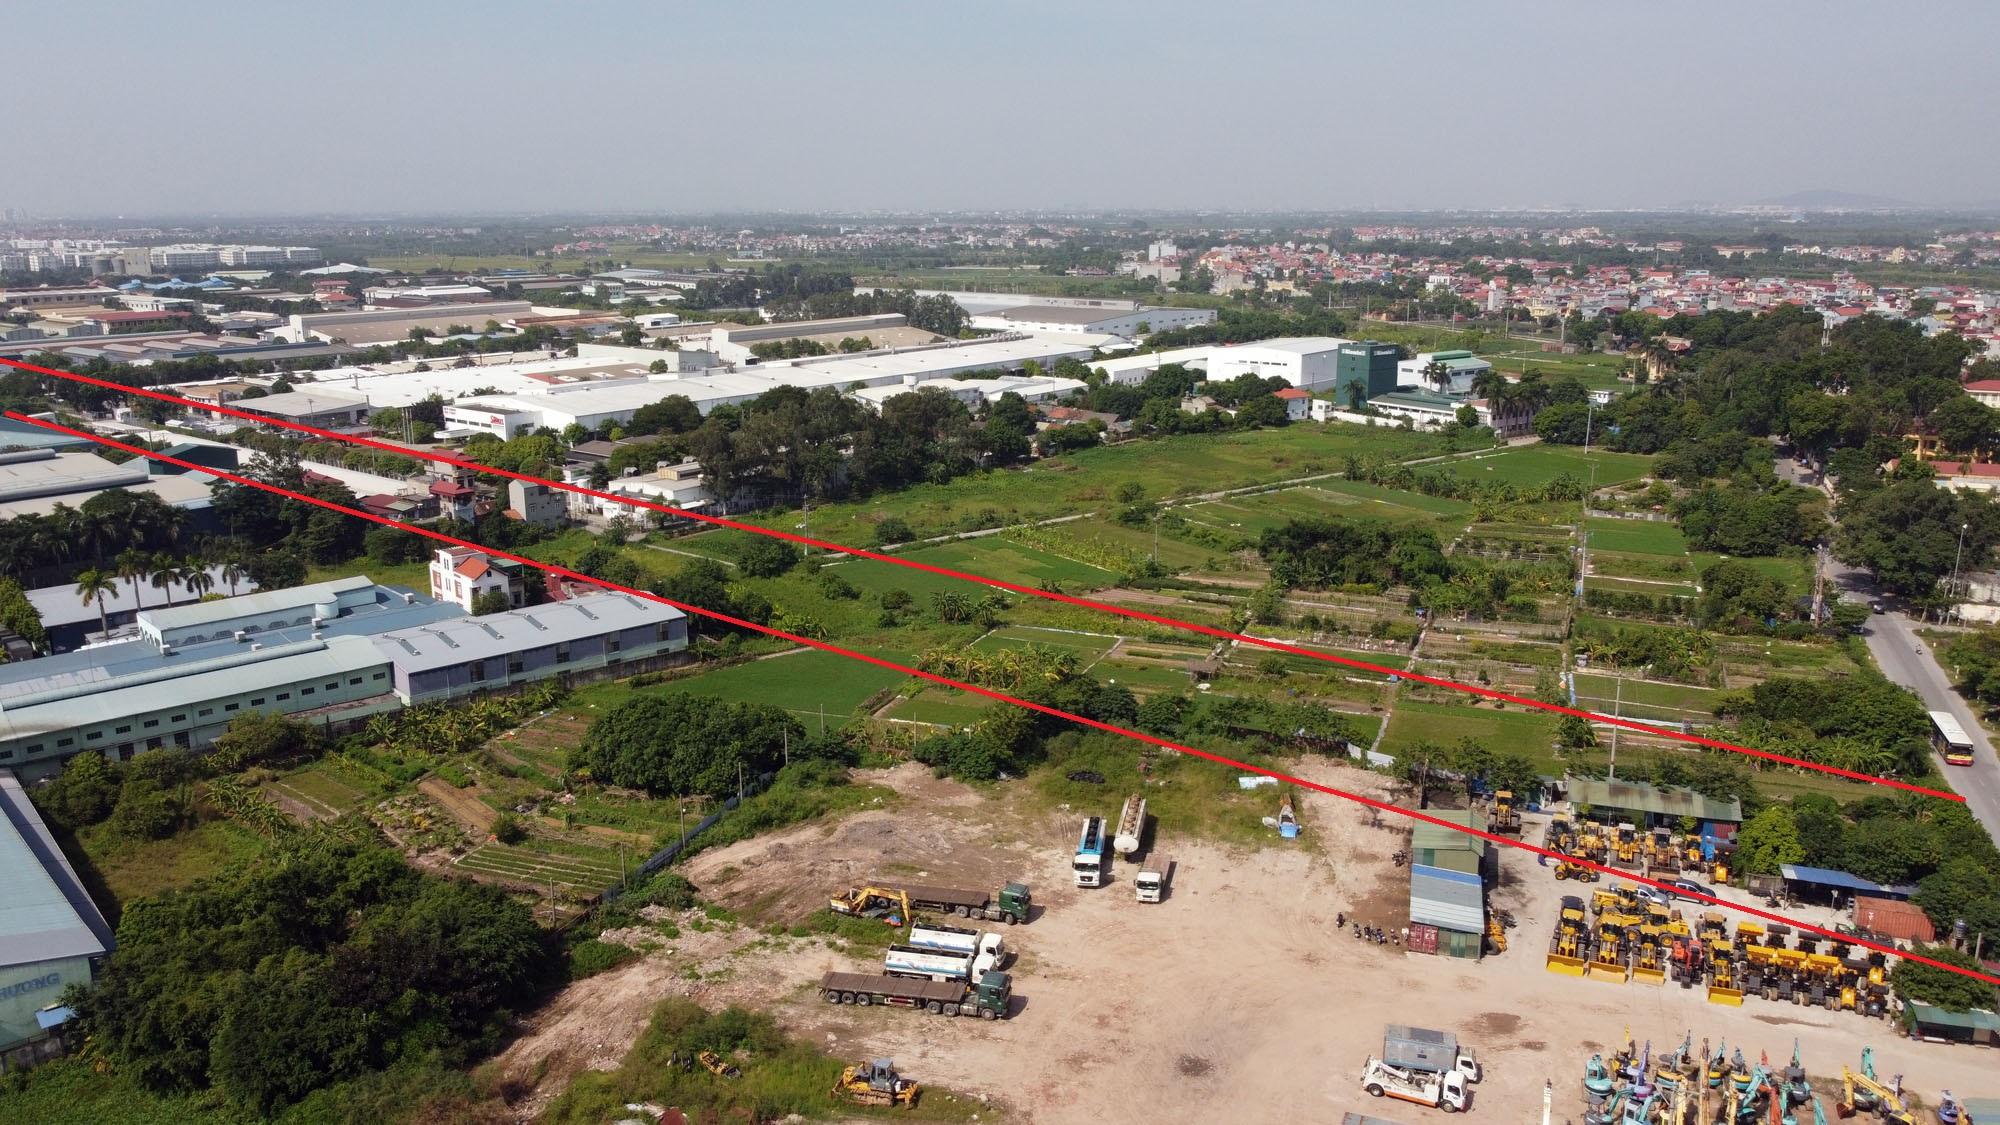 4 đường sẽ mở theo qui hoạch ở xã Dương Xá, Gia Lâm, Hà Nội - Ảnh 5.